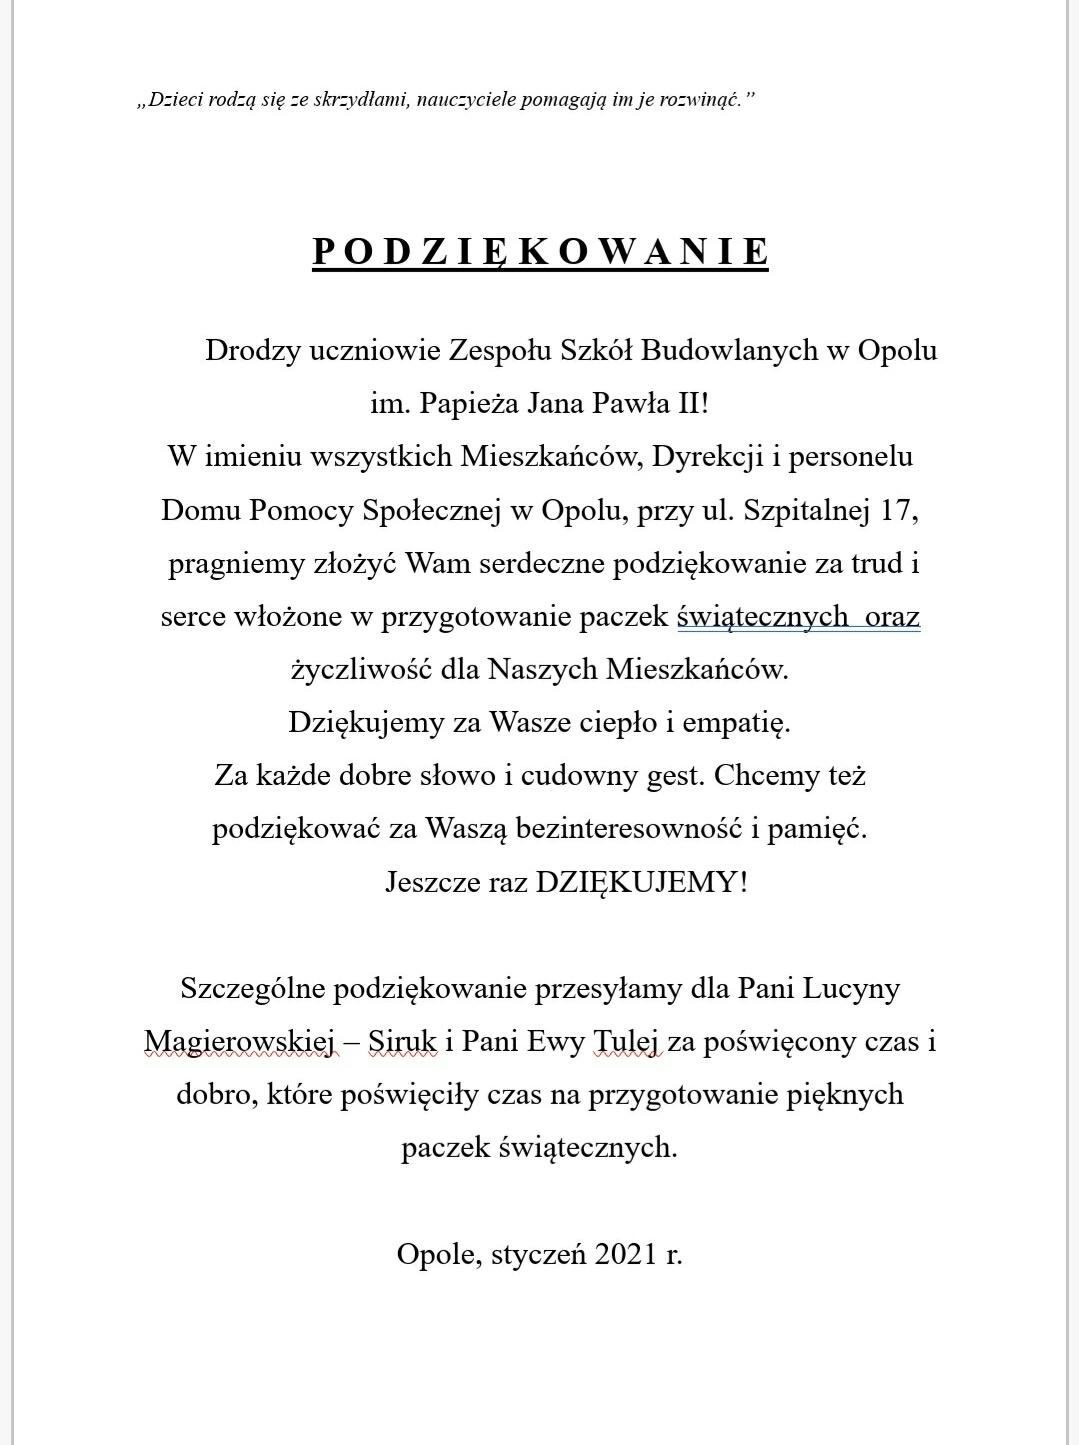 Podziękowania od DPS w Opolu